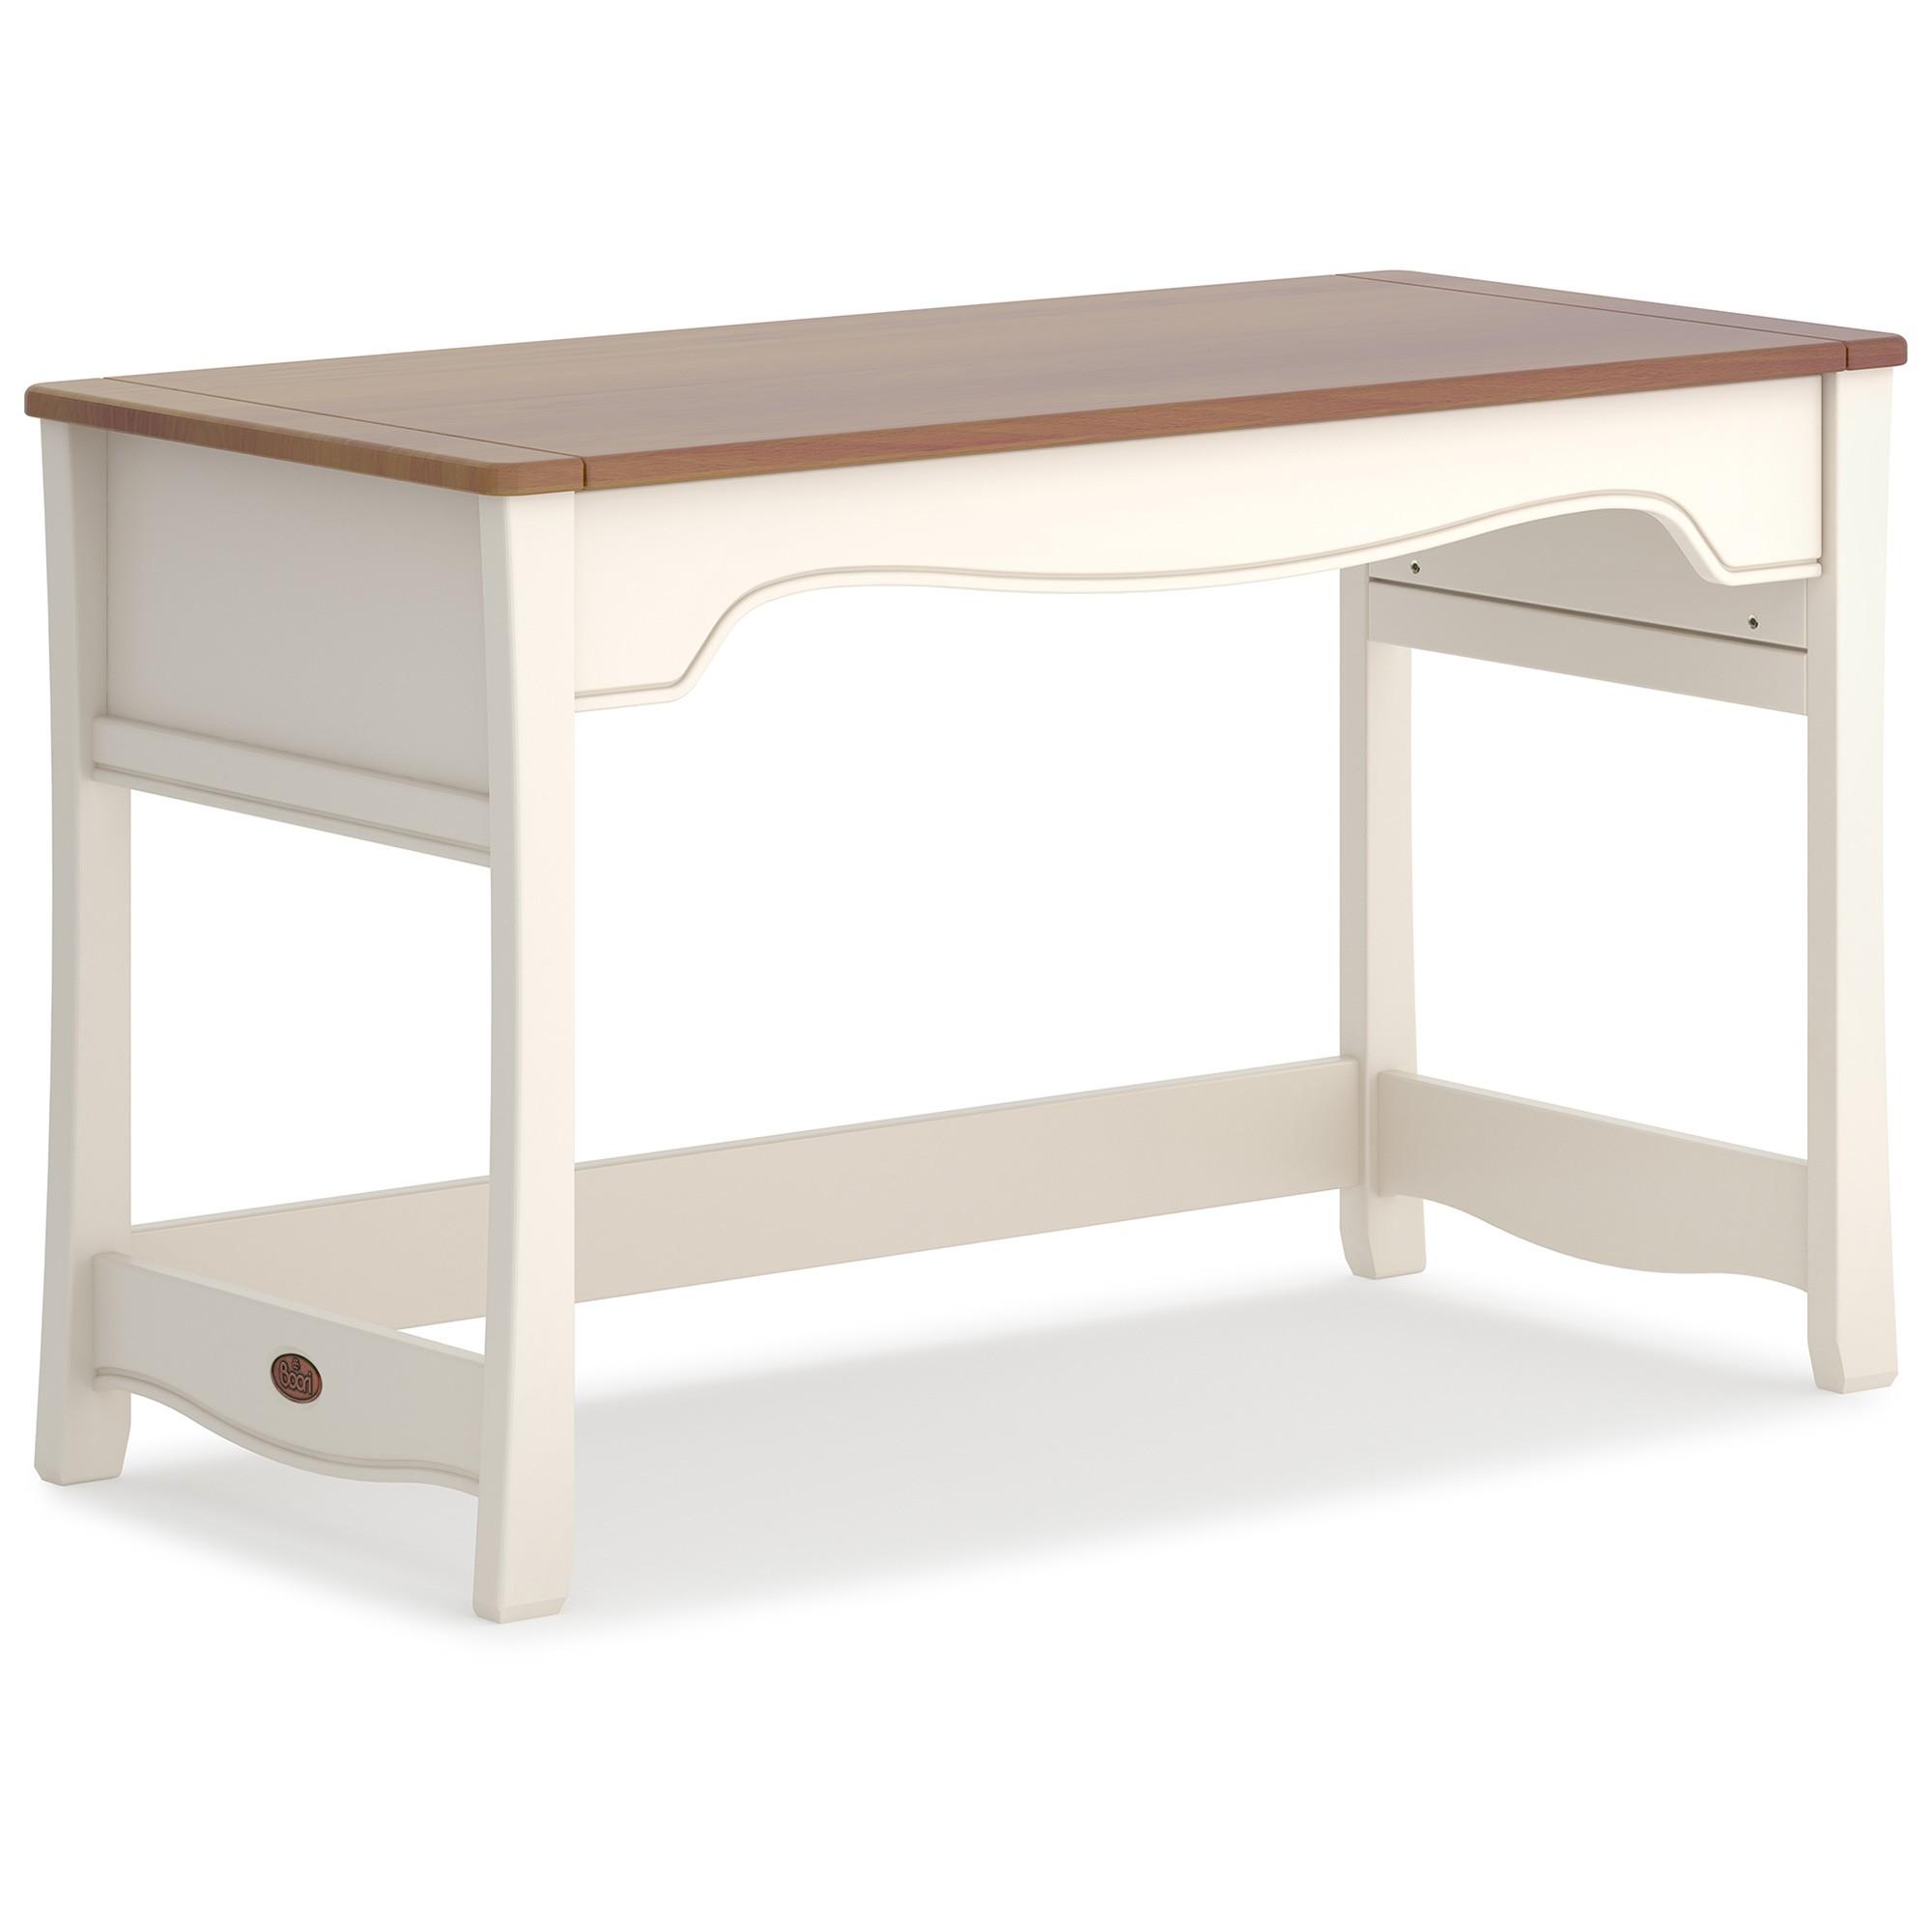 Boori Provence Wooden Desk, 124cm